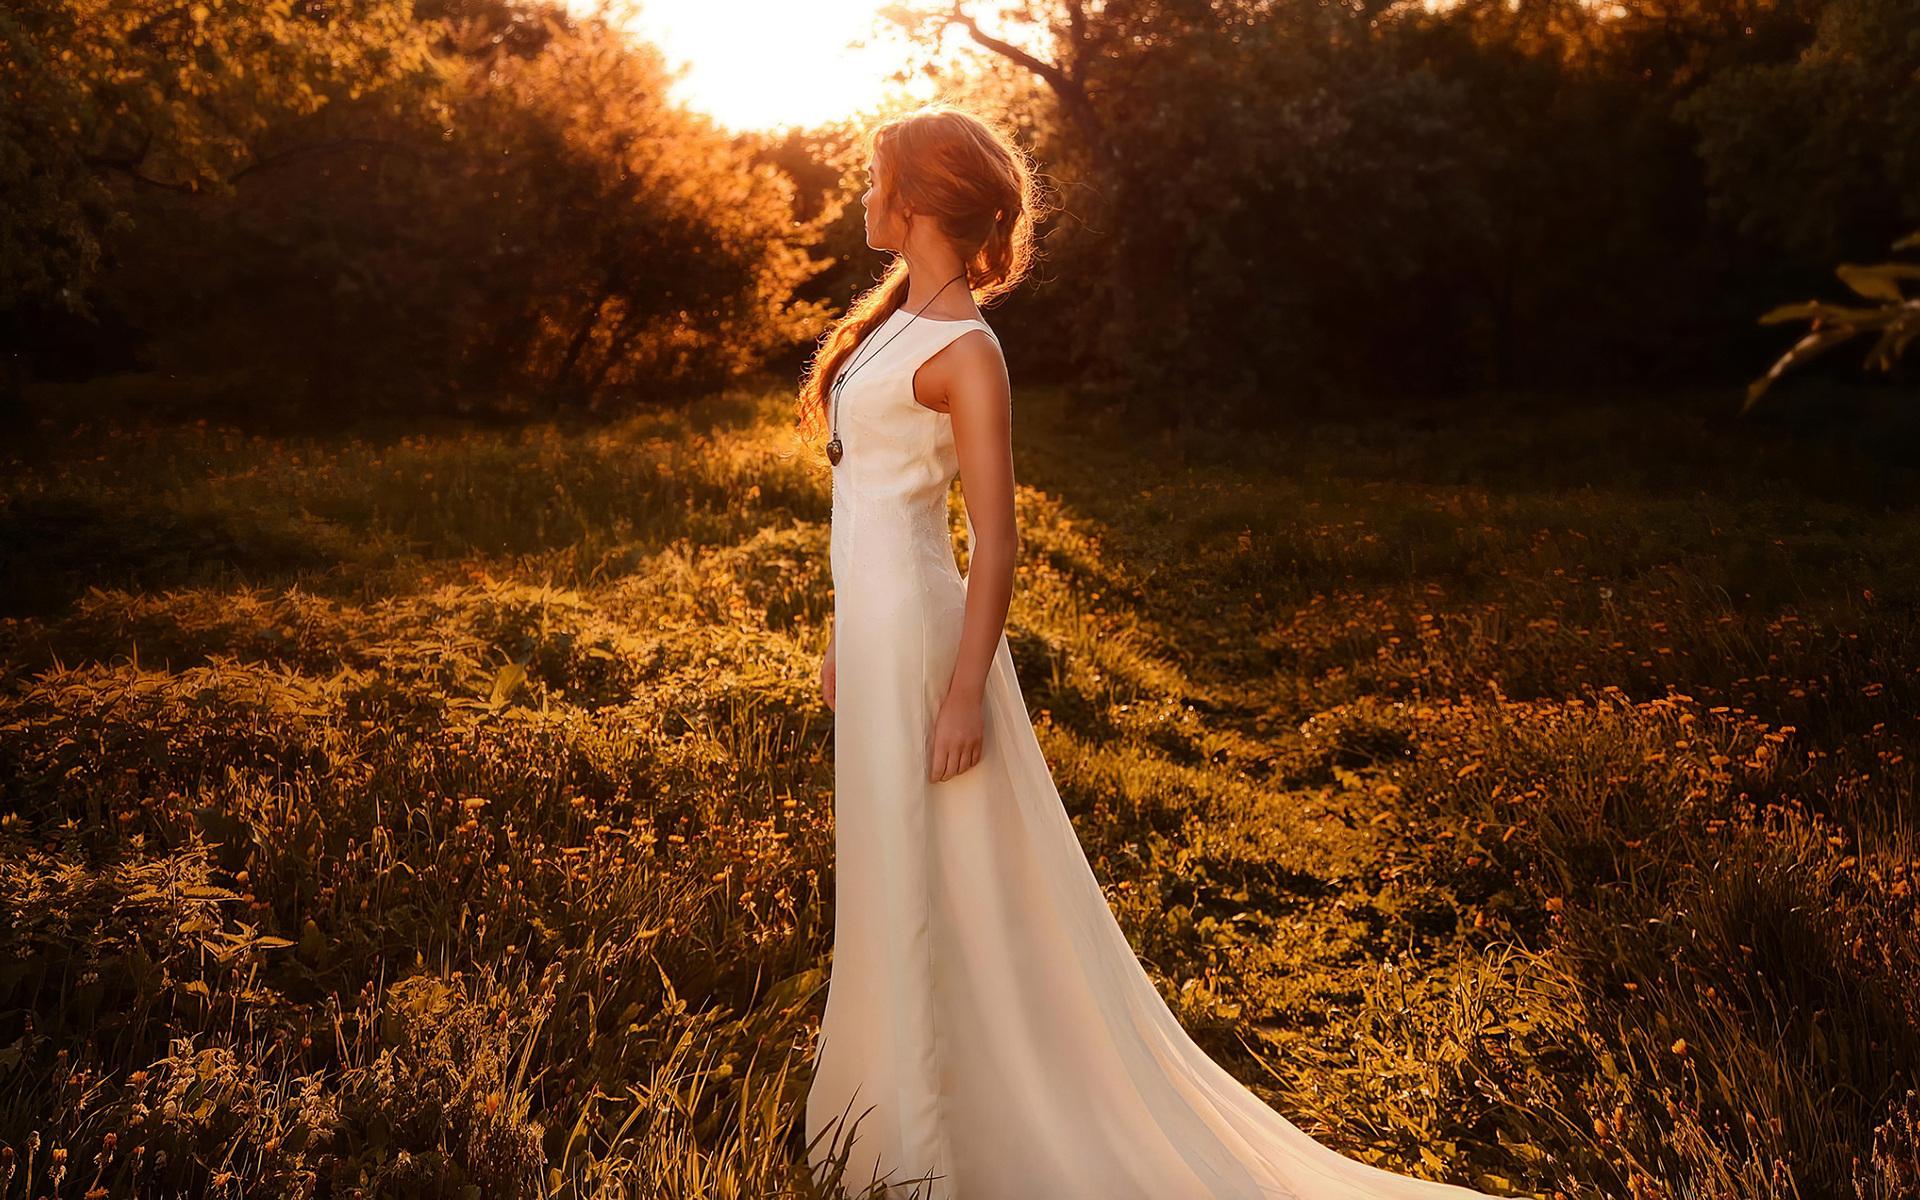 girl-white-dress-sunbeam-forest-hw.jpg